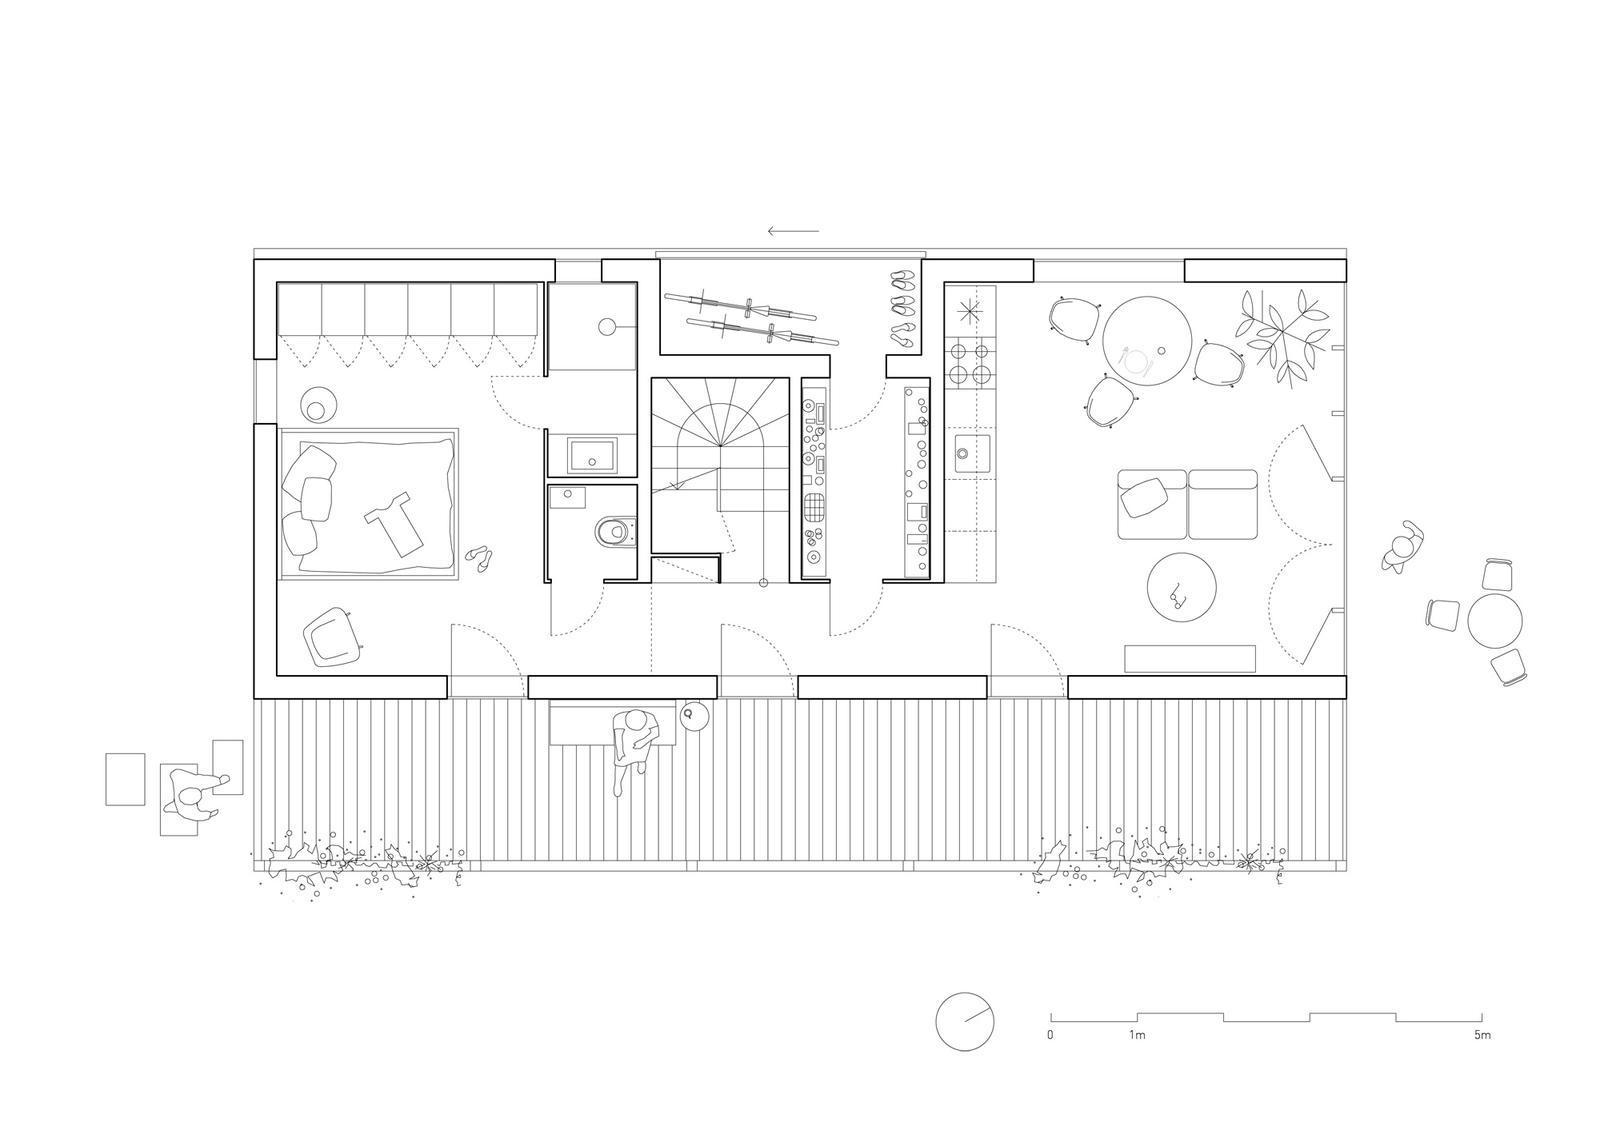 IST Family House / Jrkcv (8)